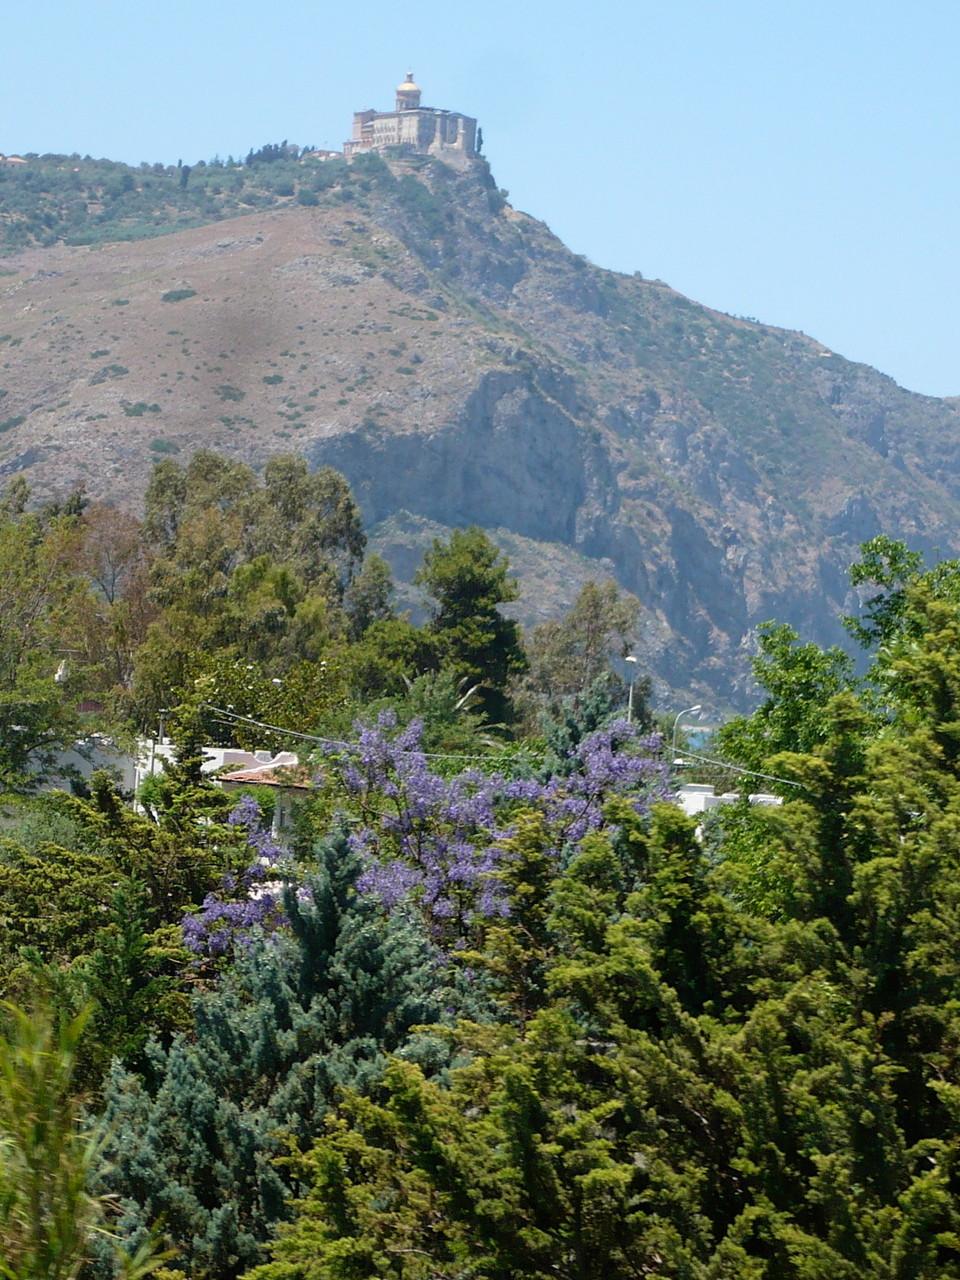 Das heilige Kloster von Tindari auf dem Berg ist ein Besuchermagnet.